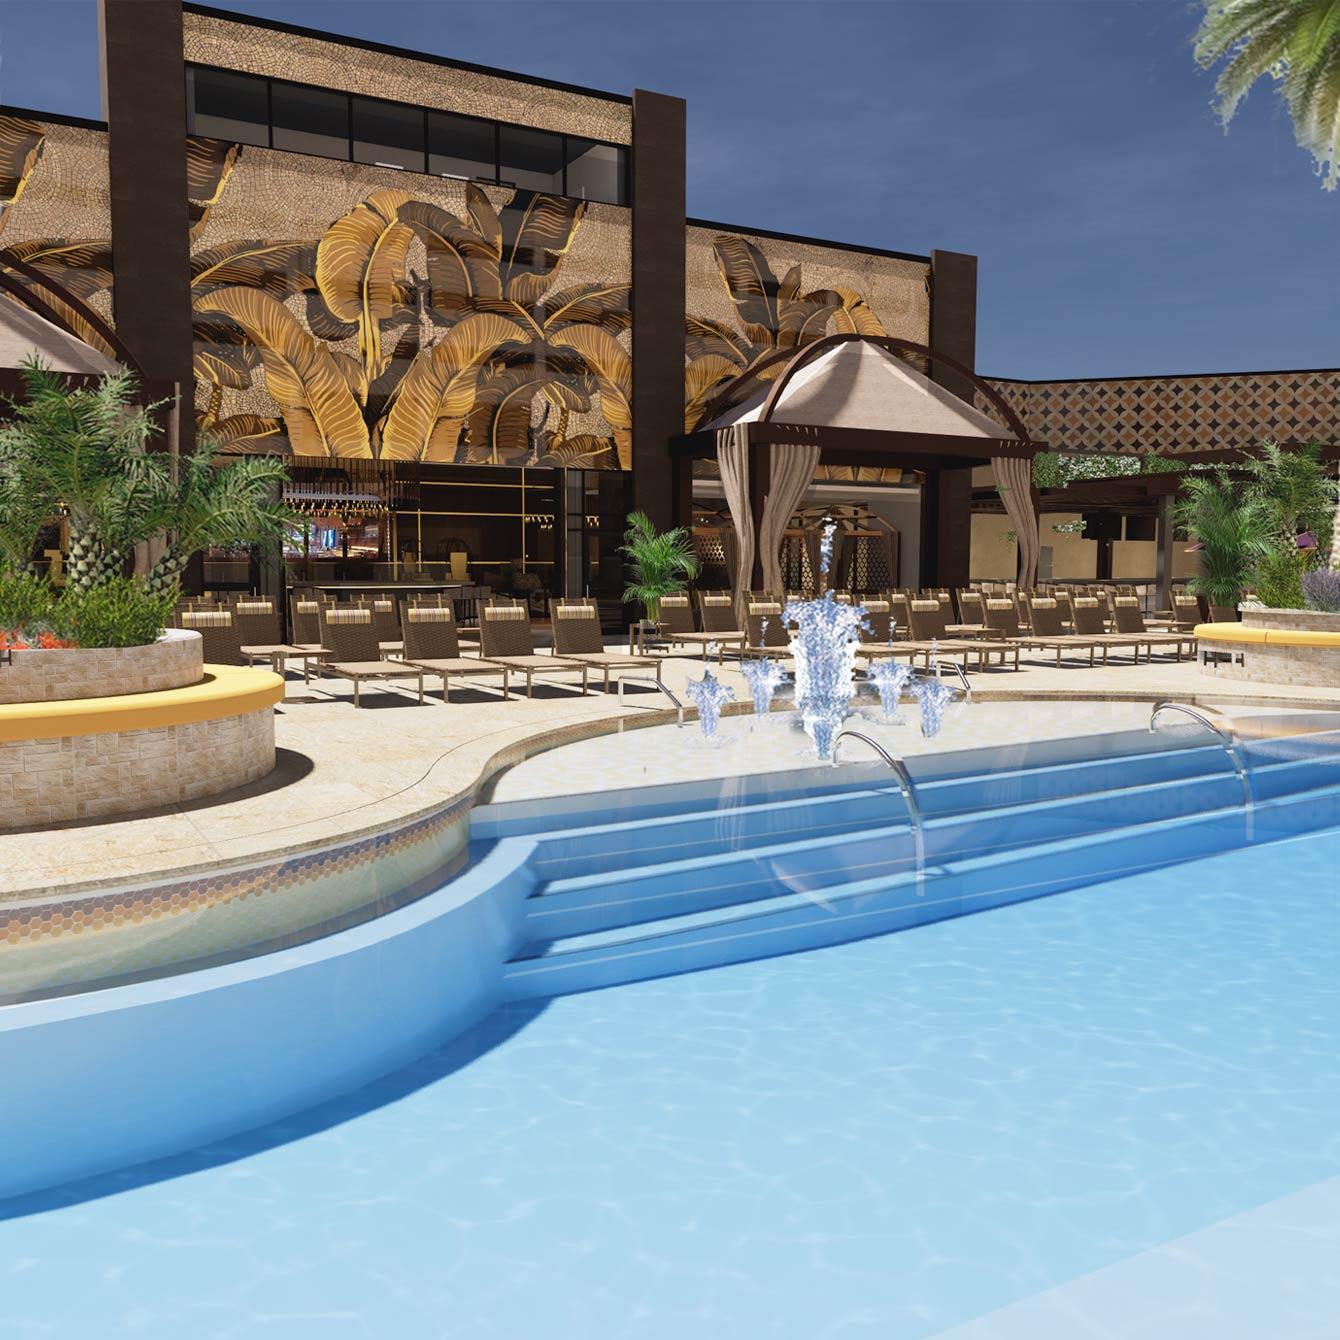 Azilo Las Vegas